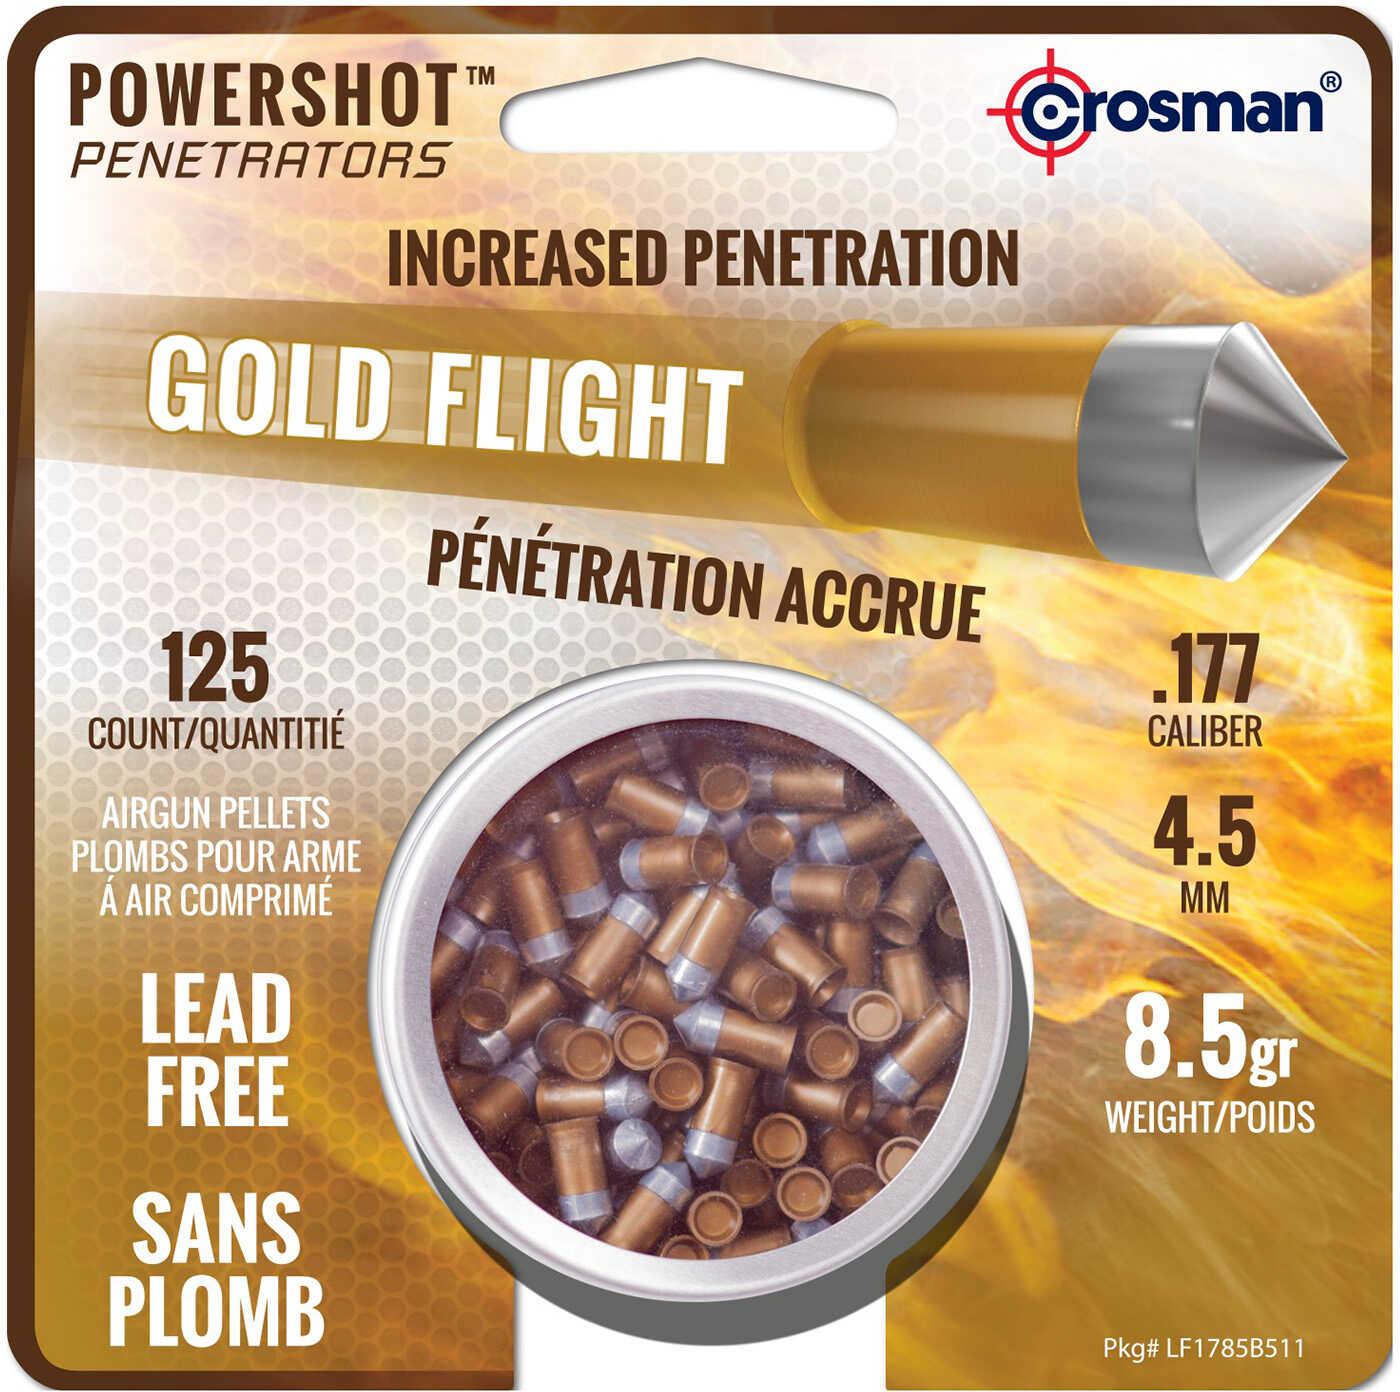 Crosman Pellets Gold Flight Pentetrators 8.5 Grains 125ct